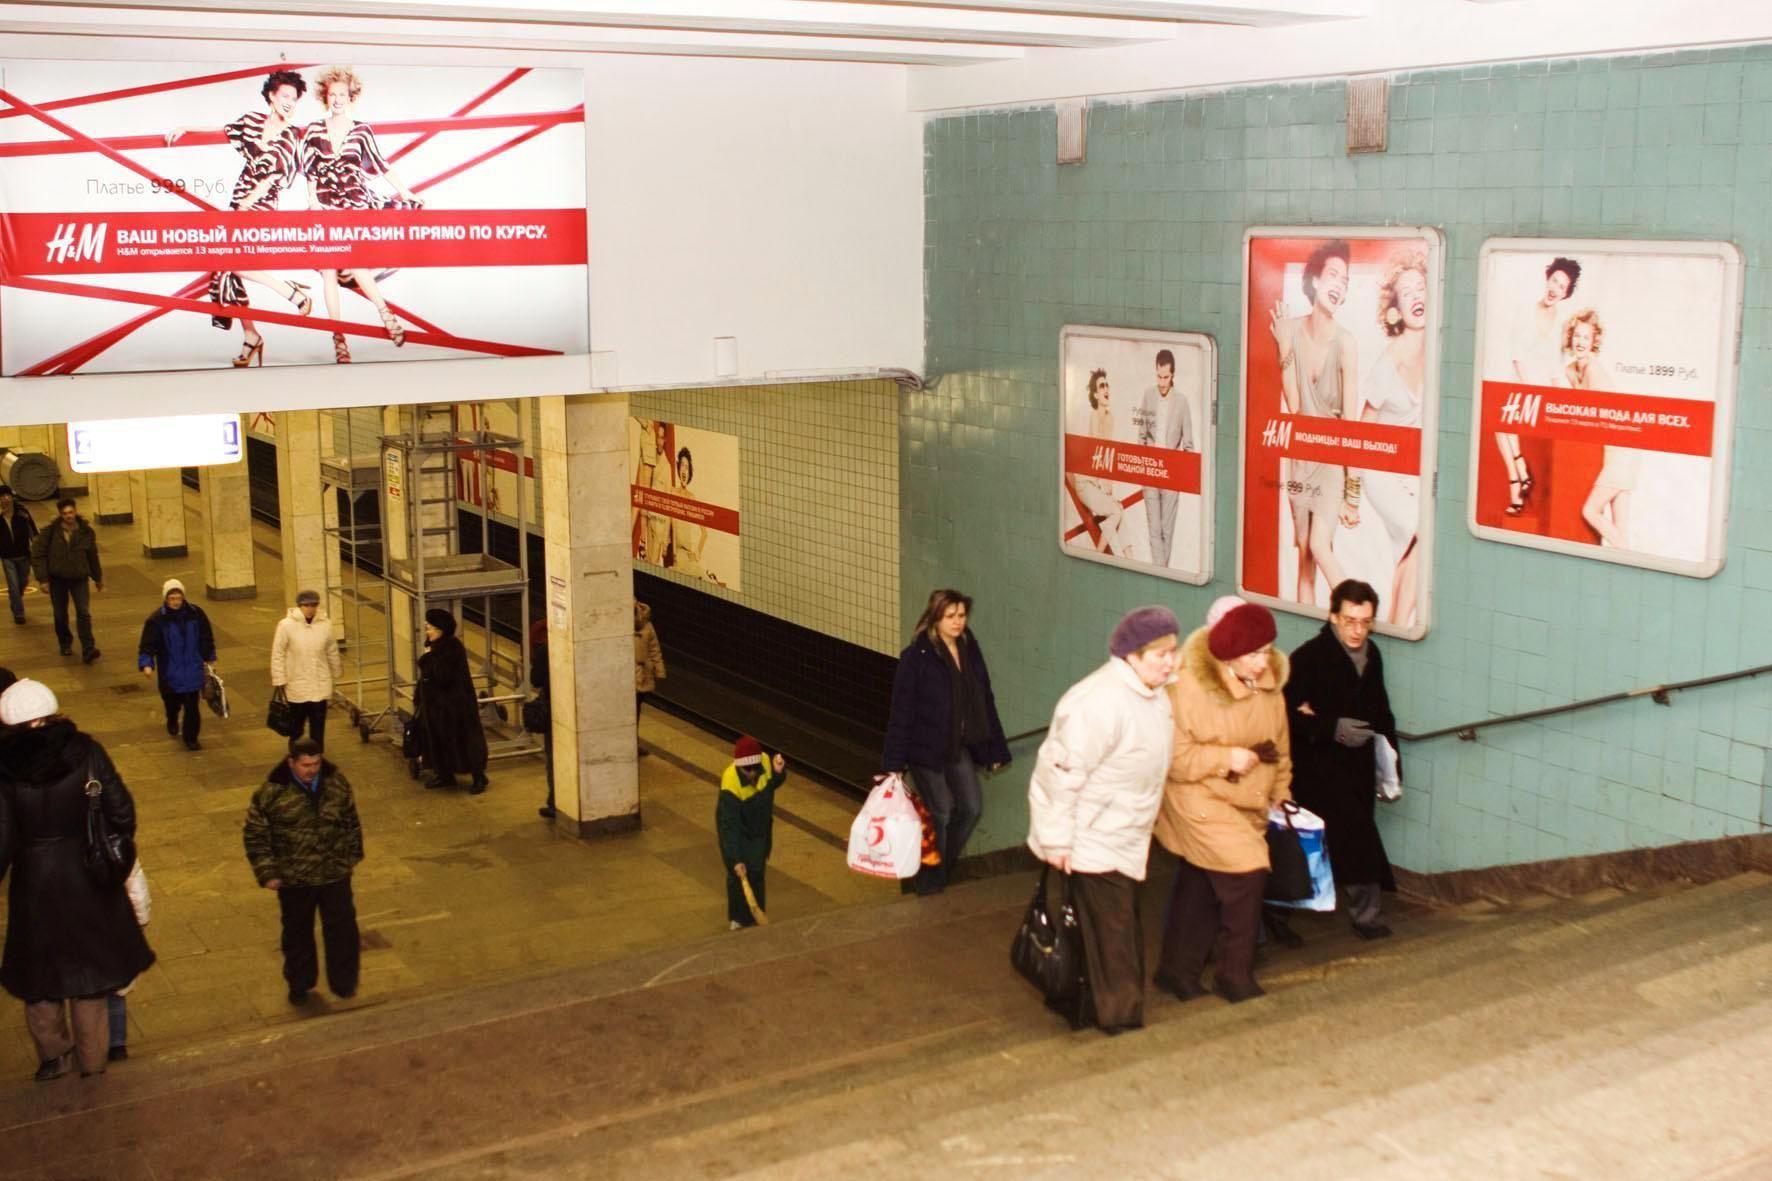 Так выглядело монобрендирование станции «Войковская» в 2009 году ©Изображение с сайта sostav.ru